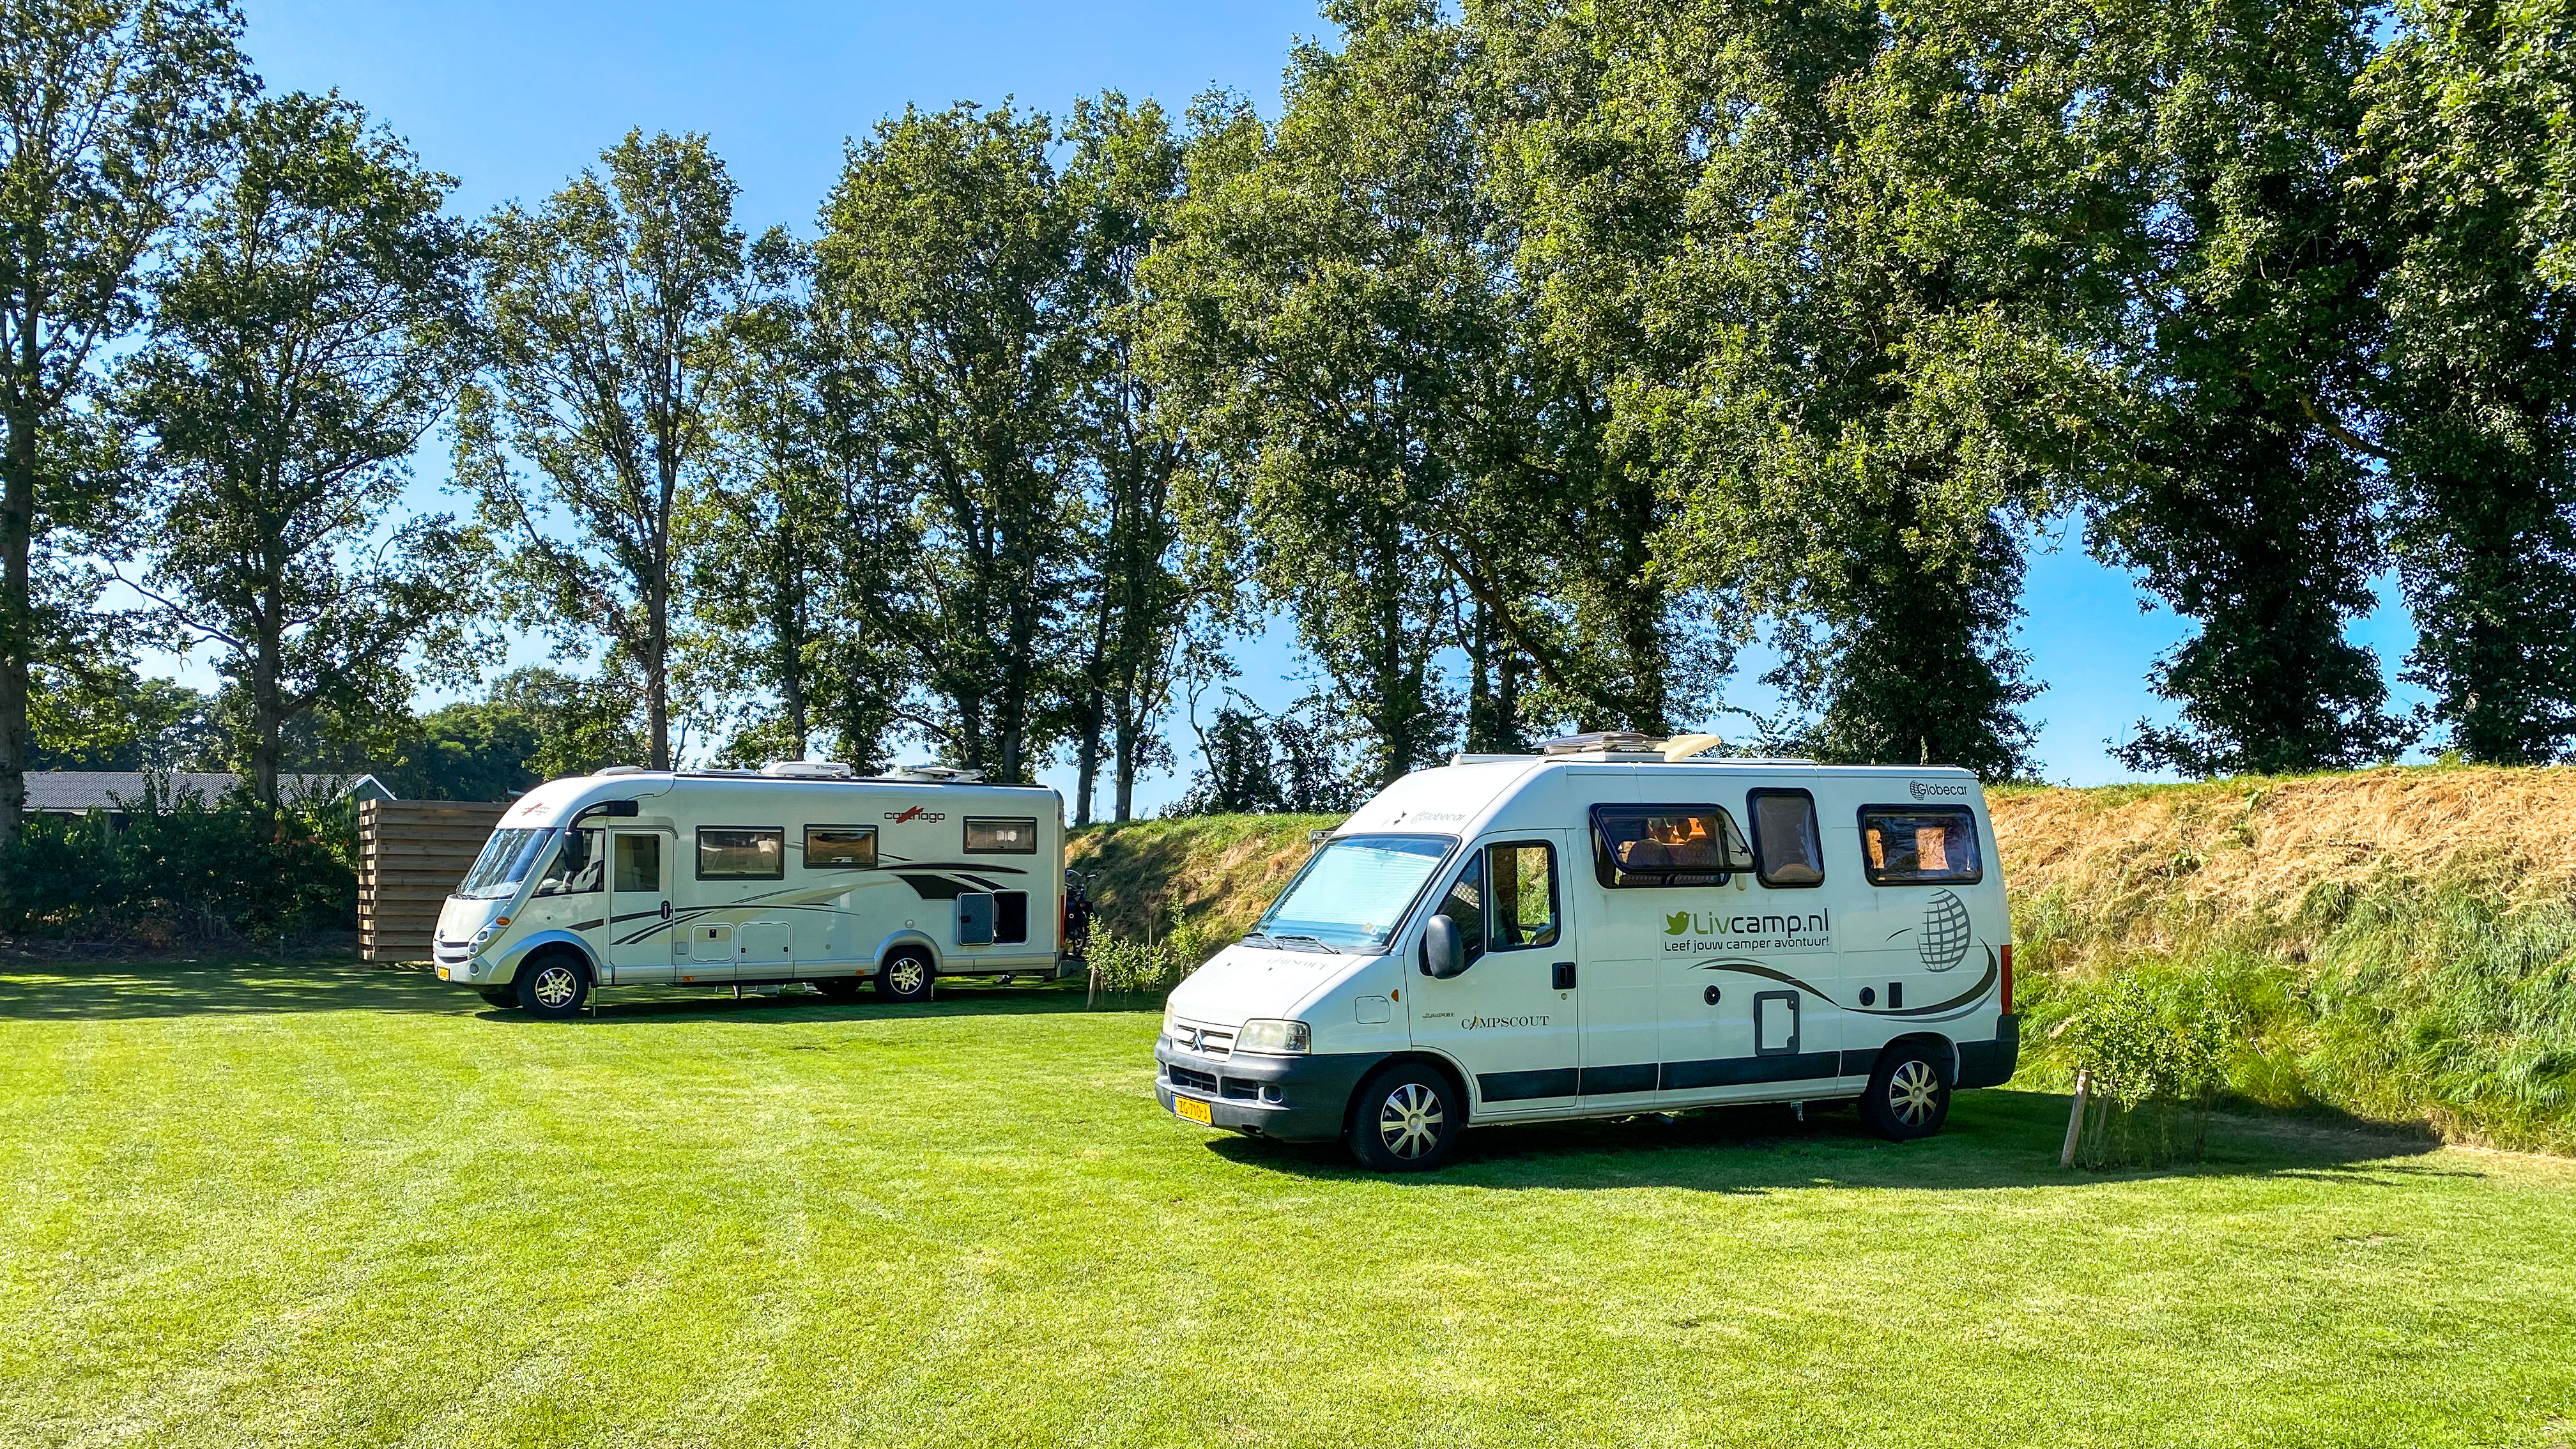 Camperplaats Noord-Sleen is een goede uitvalsbasis voor wandel- en fietstochten in Drenthe